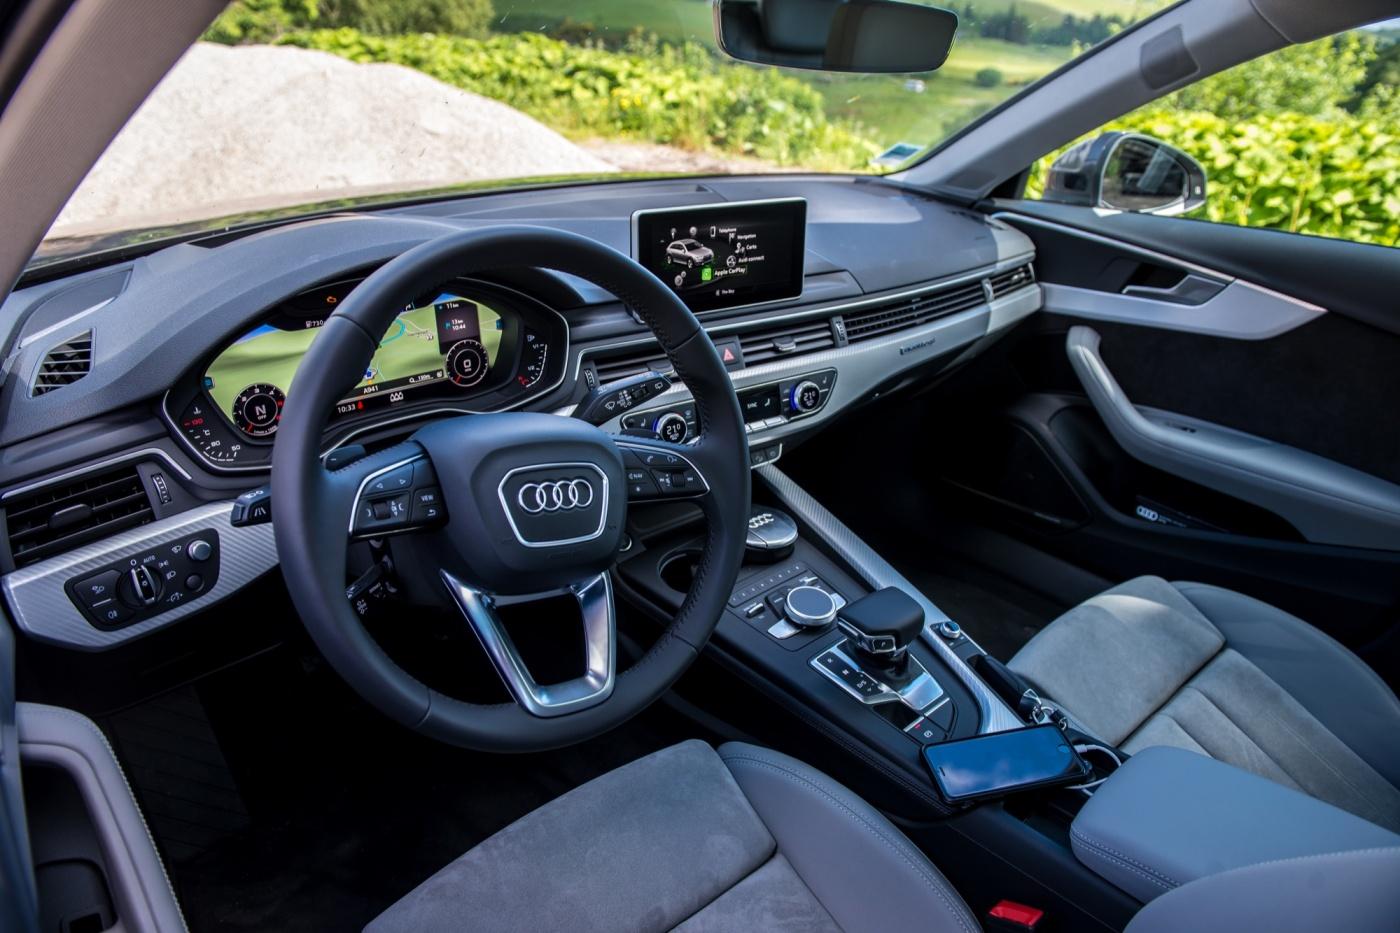 Audi a4 allroad sur les routes d 39 ecosse blog automobile for Audi a4 onderdelen interieur